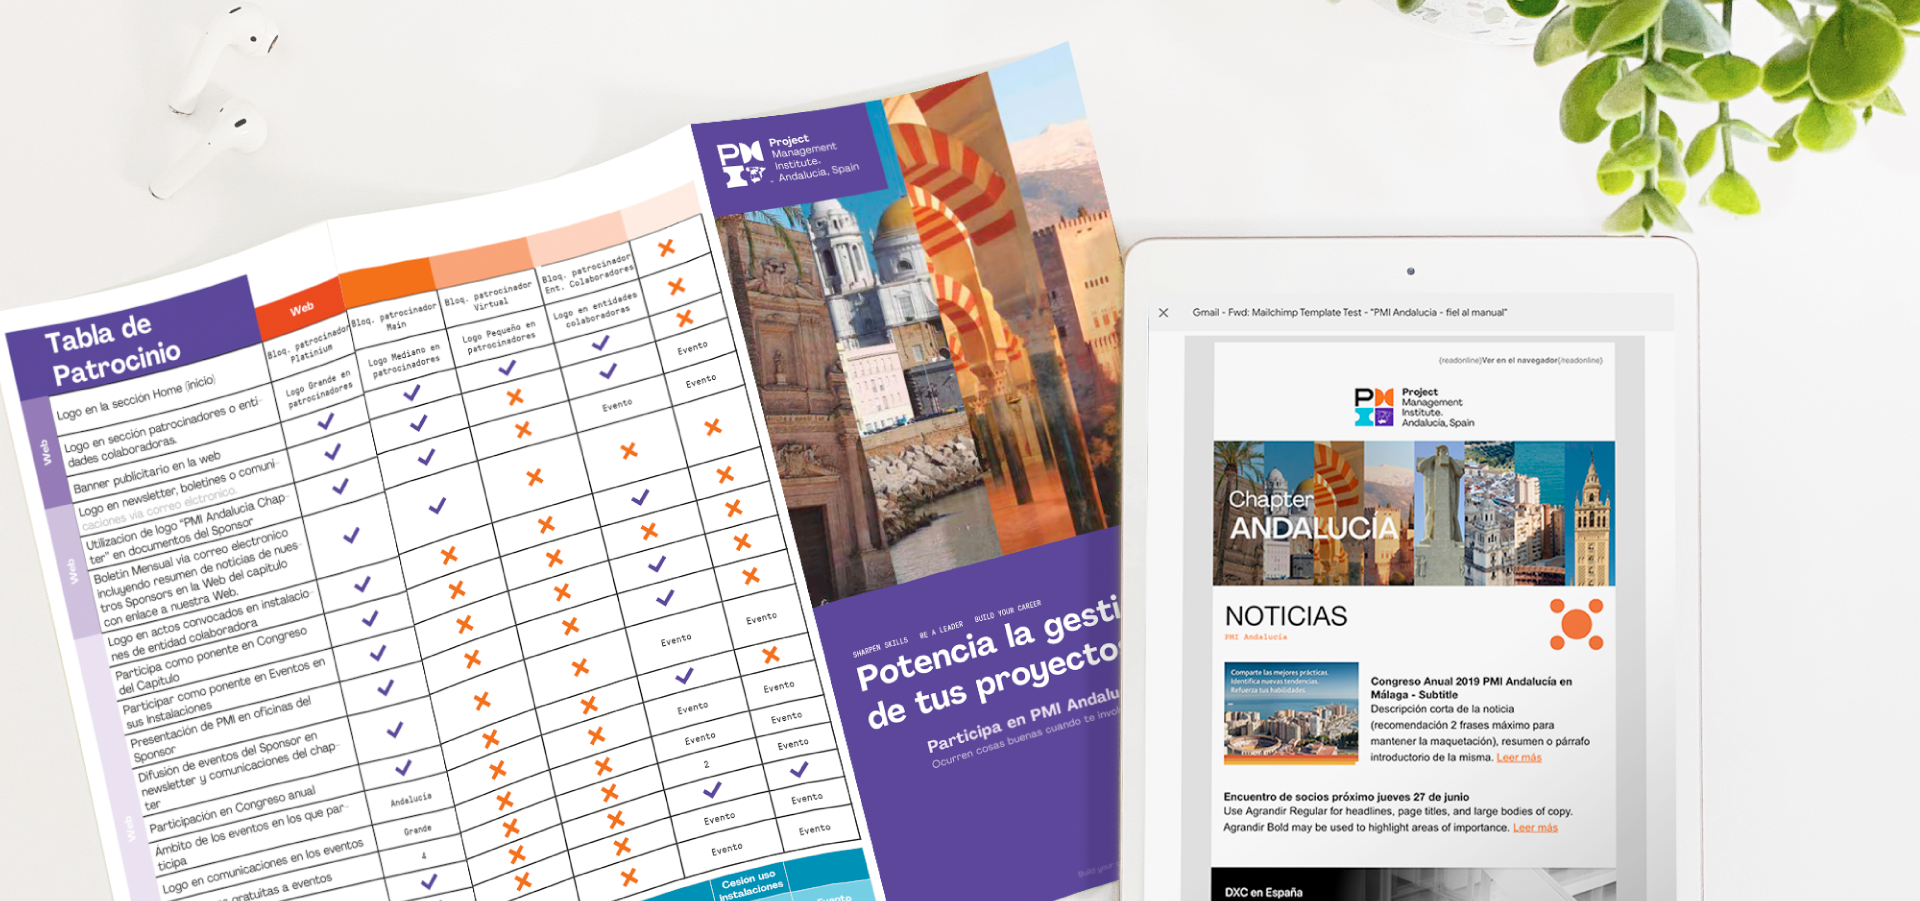 SOYTUTIPO-portfolio-Diseño de flyer y newsletter -pmi